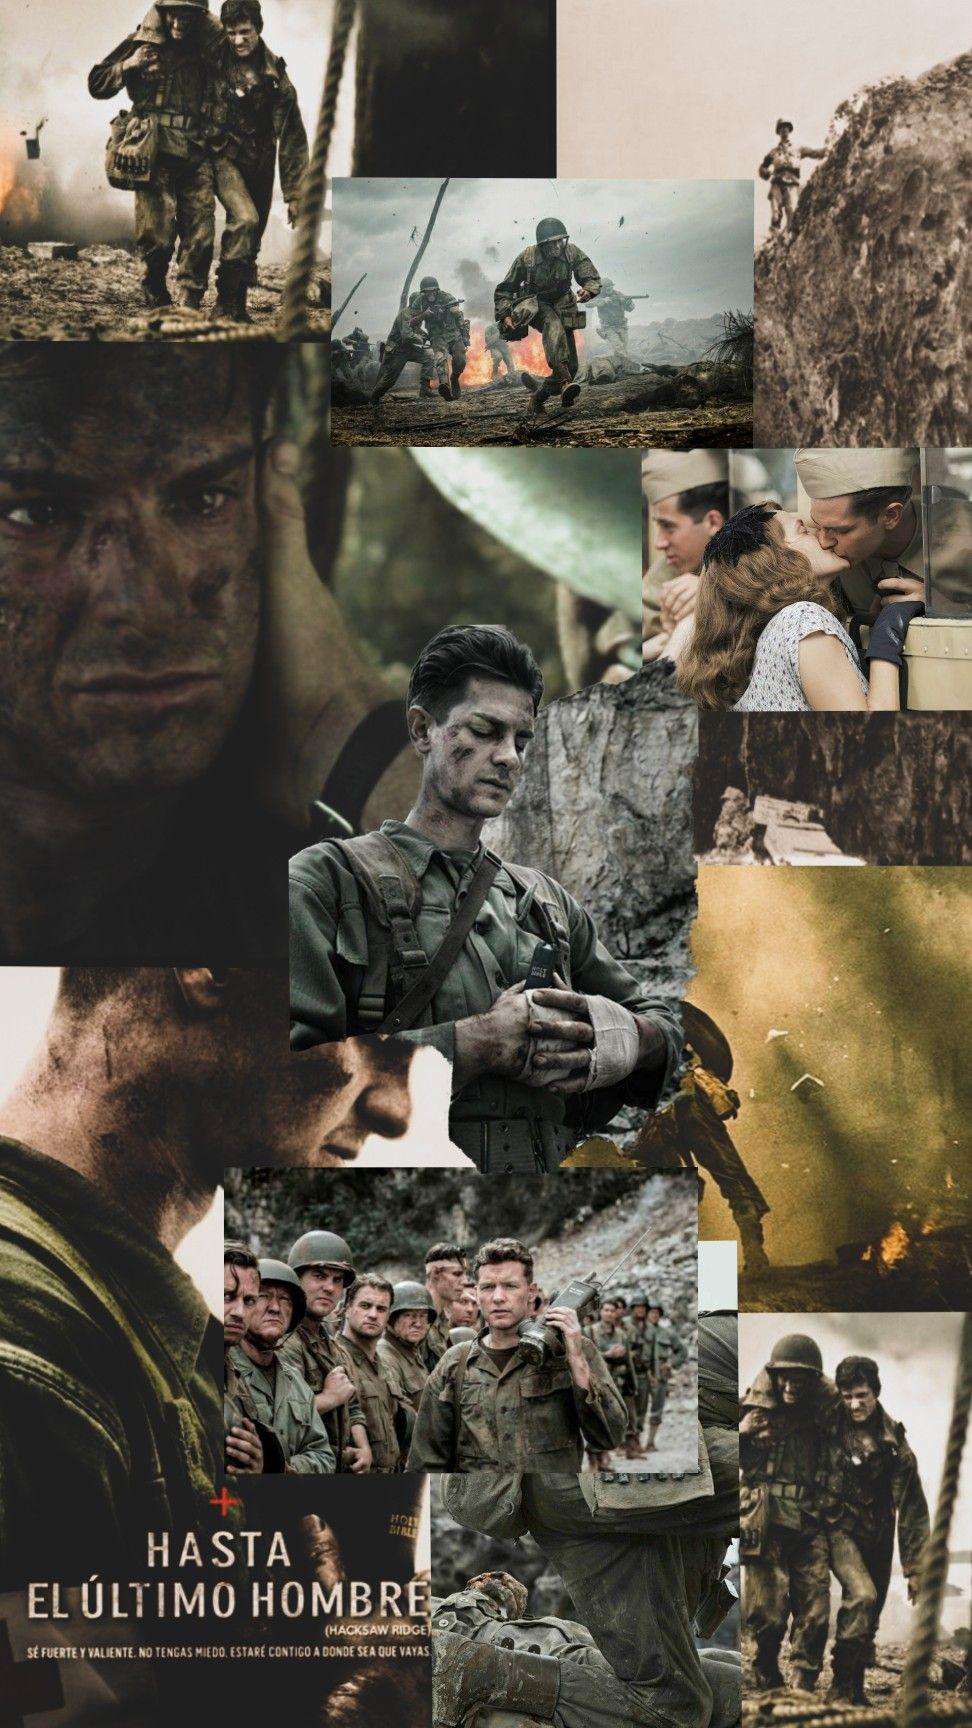 Cinelodeon Com Hasta El Ultimo Hombre Mel Gibson Peliculas Nominadas Al Oscar Hasta El Ultimo Hombre Poster De Peliculas